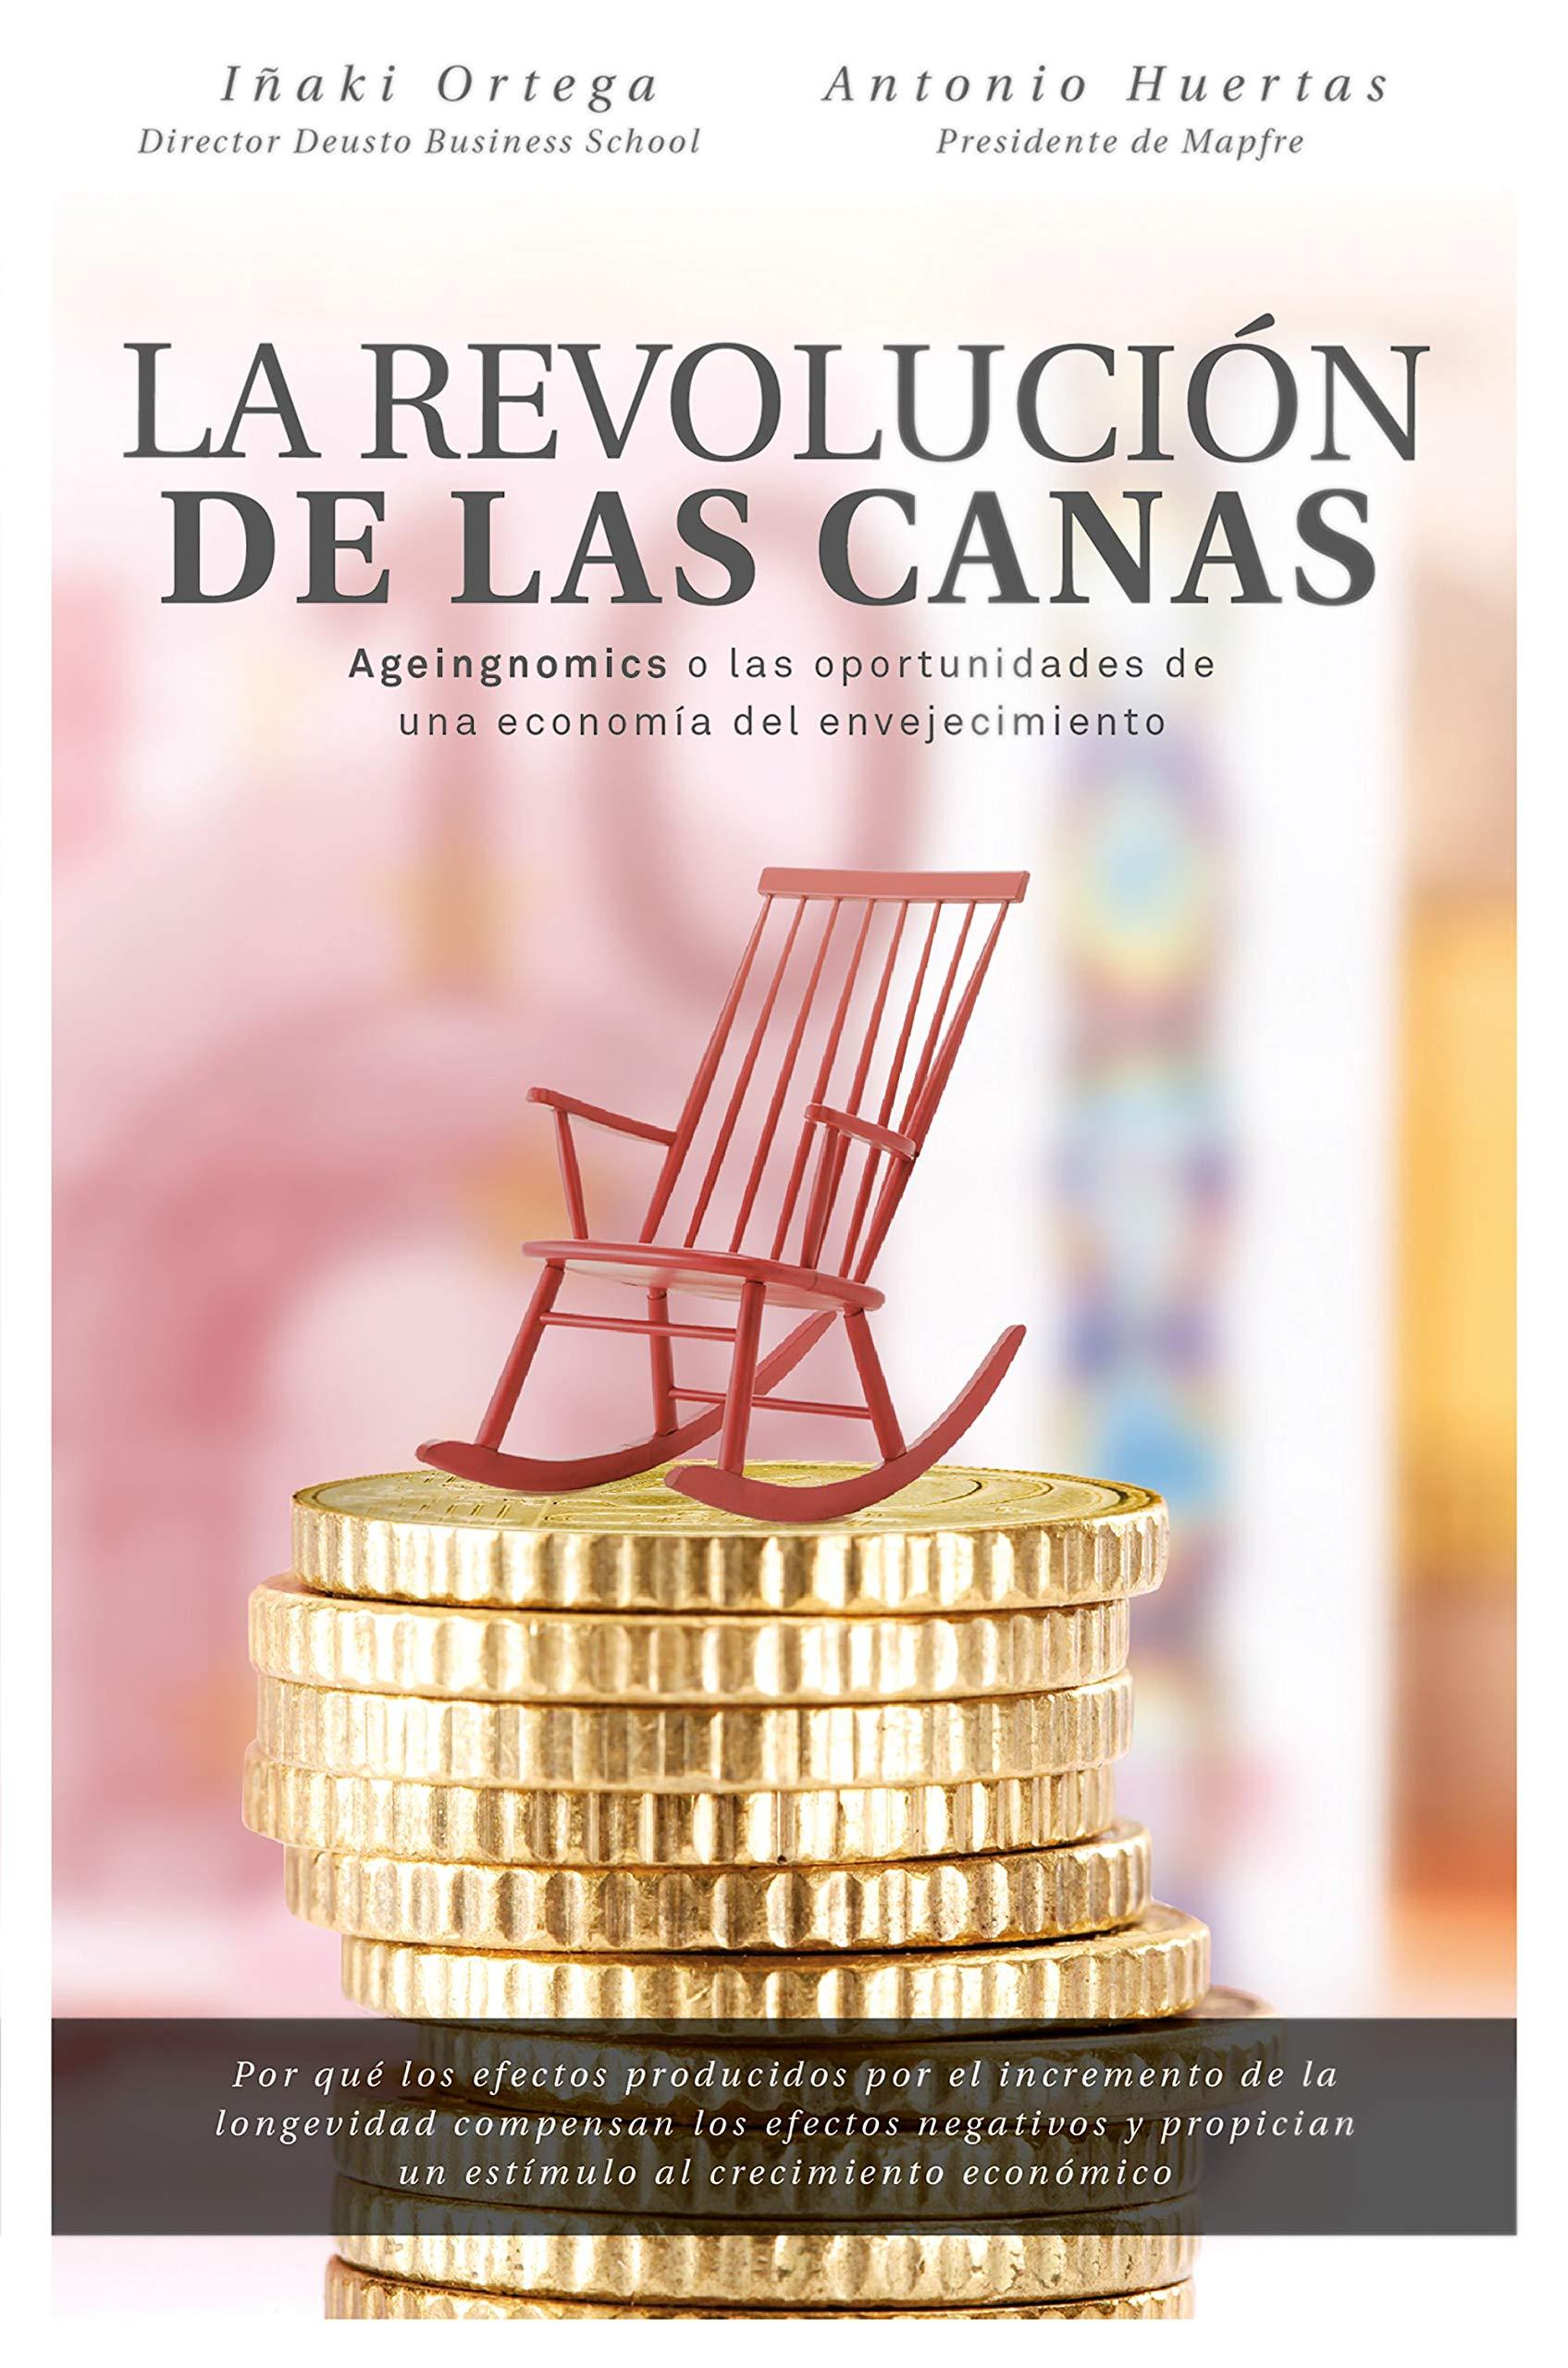 La revolución de las canas: Ageingnomics o las oportunidades de ...